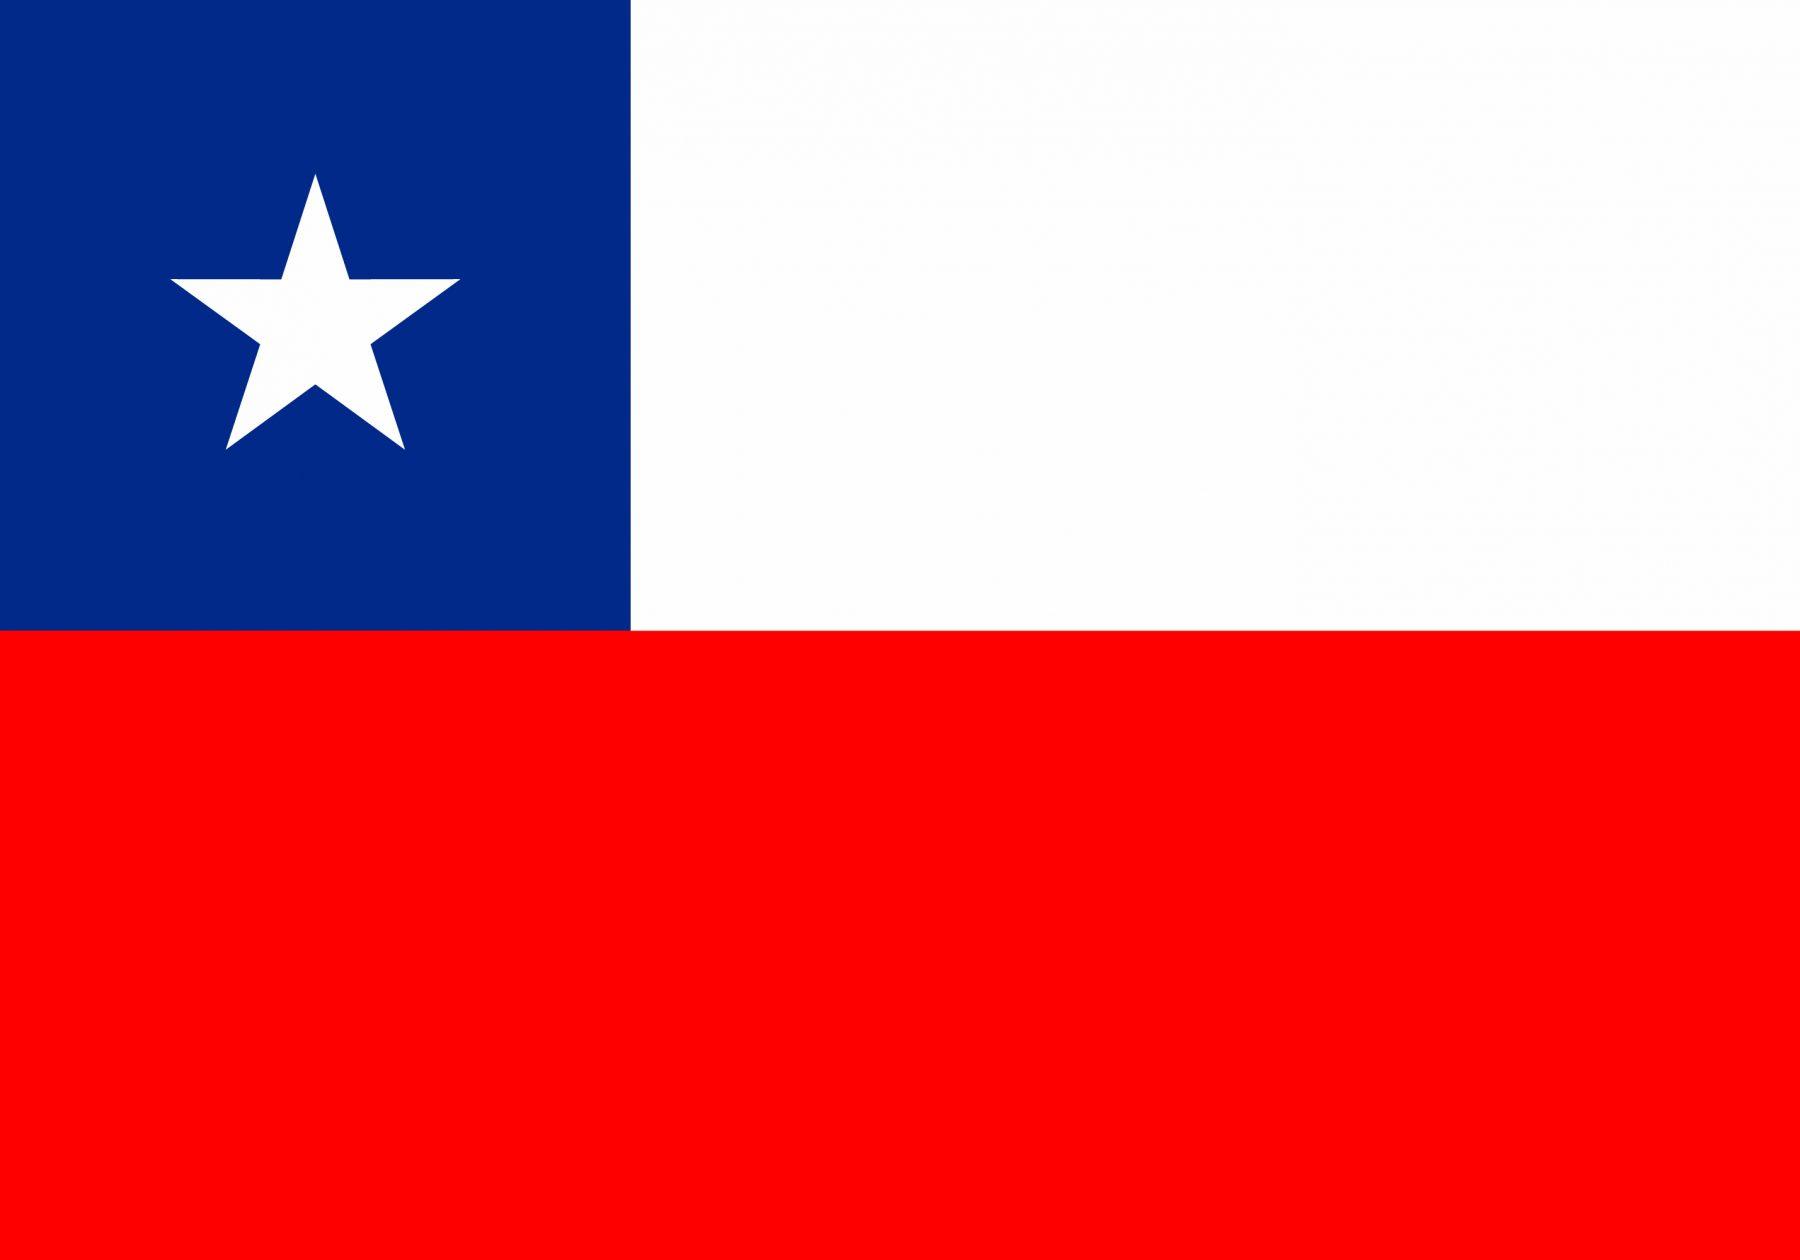 Viaggio in Cile Bandiera